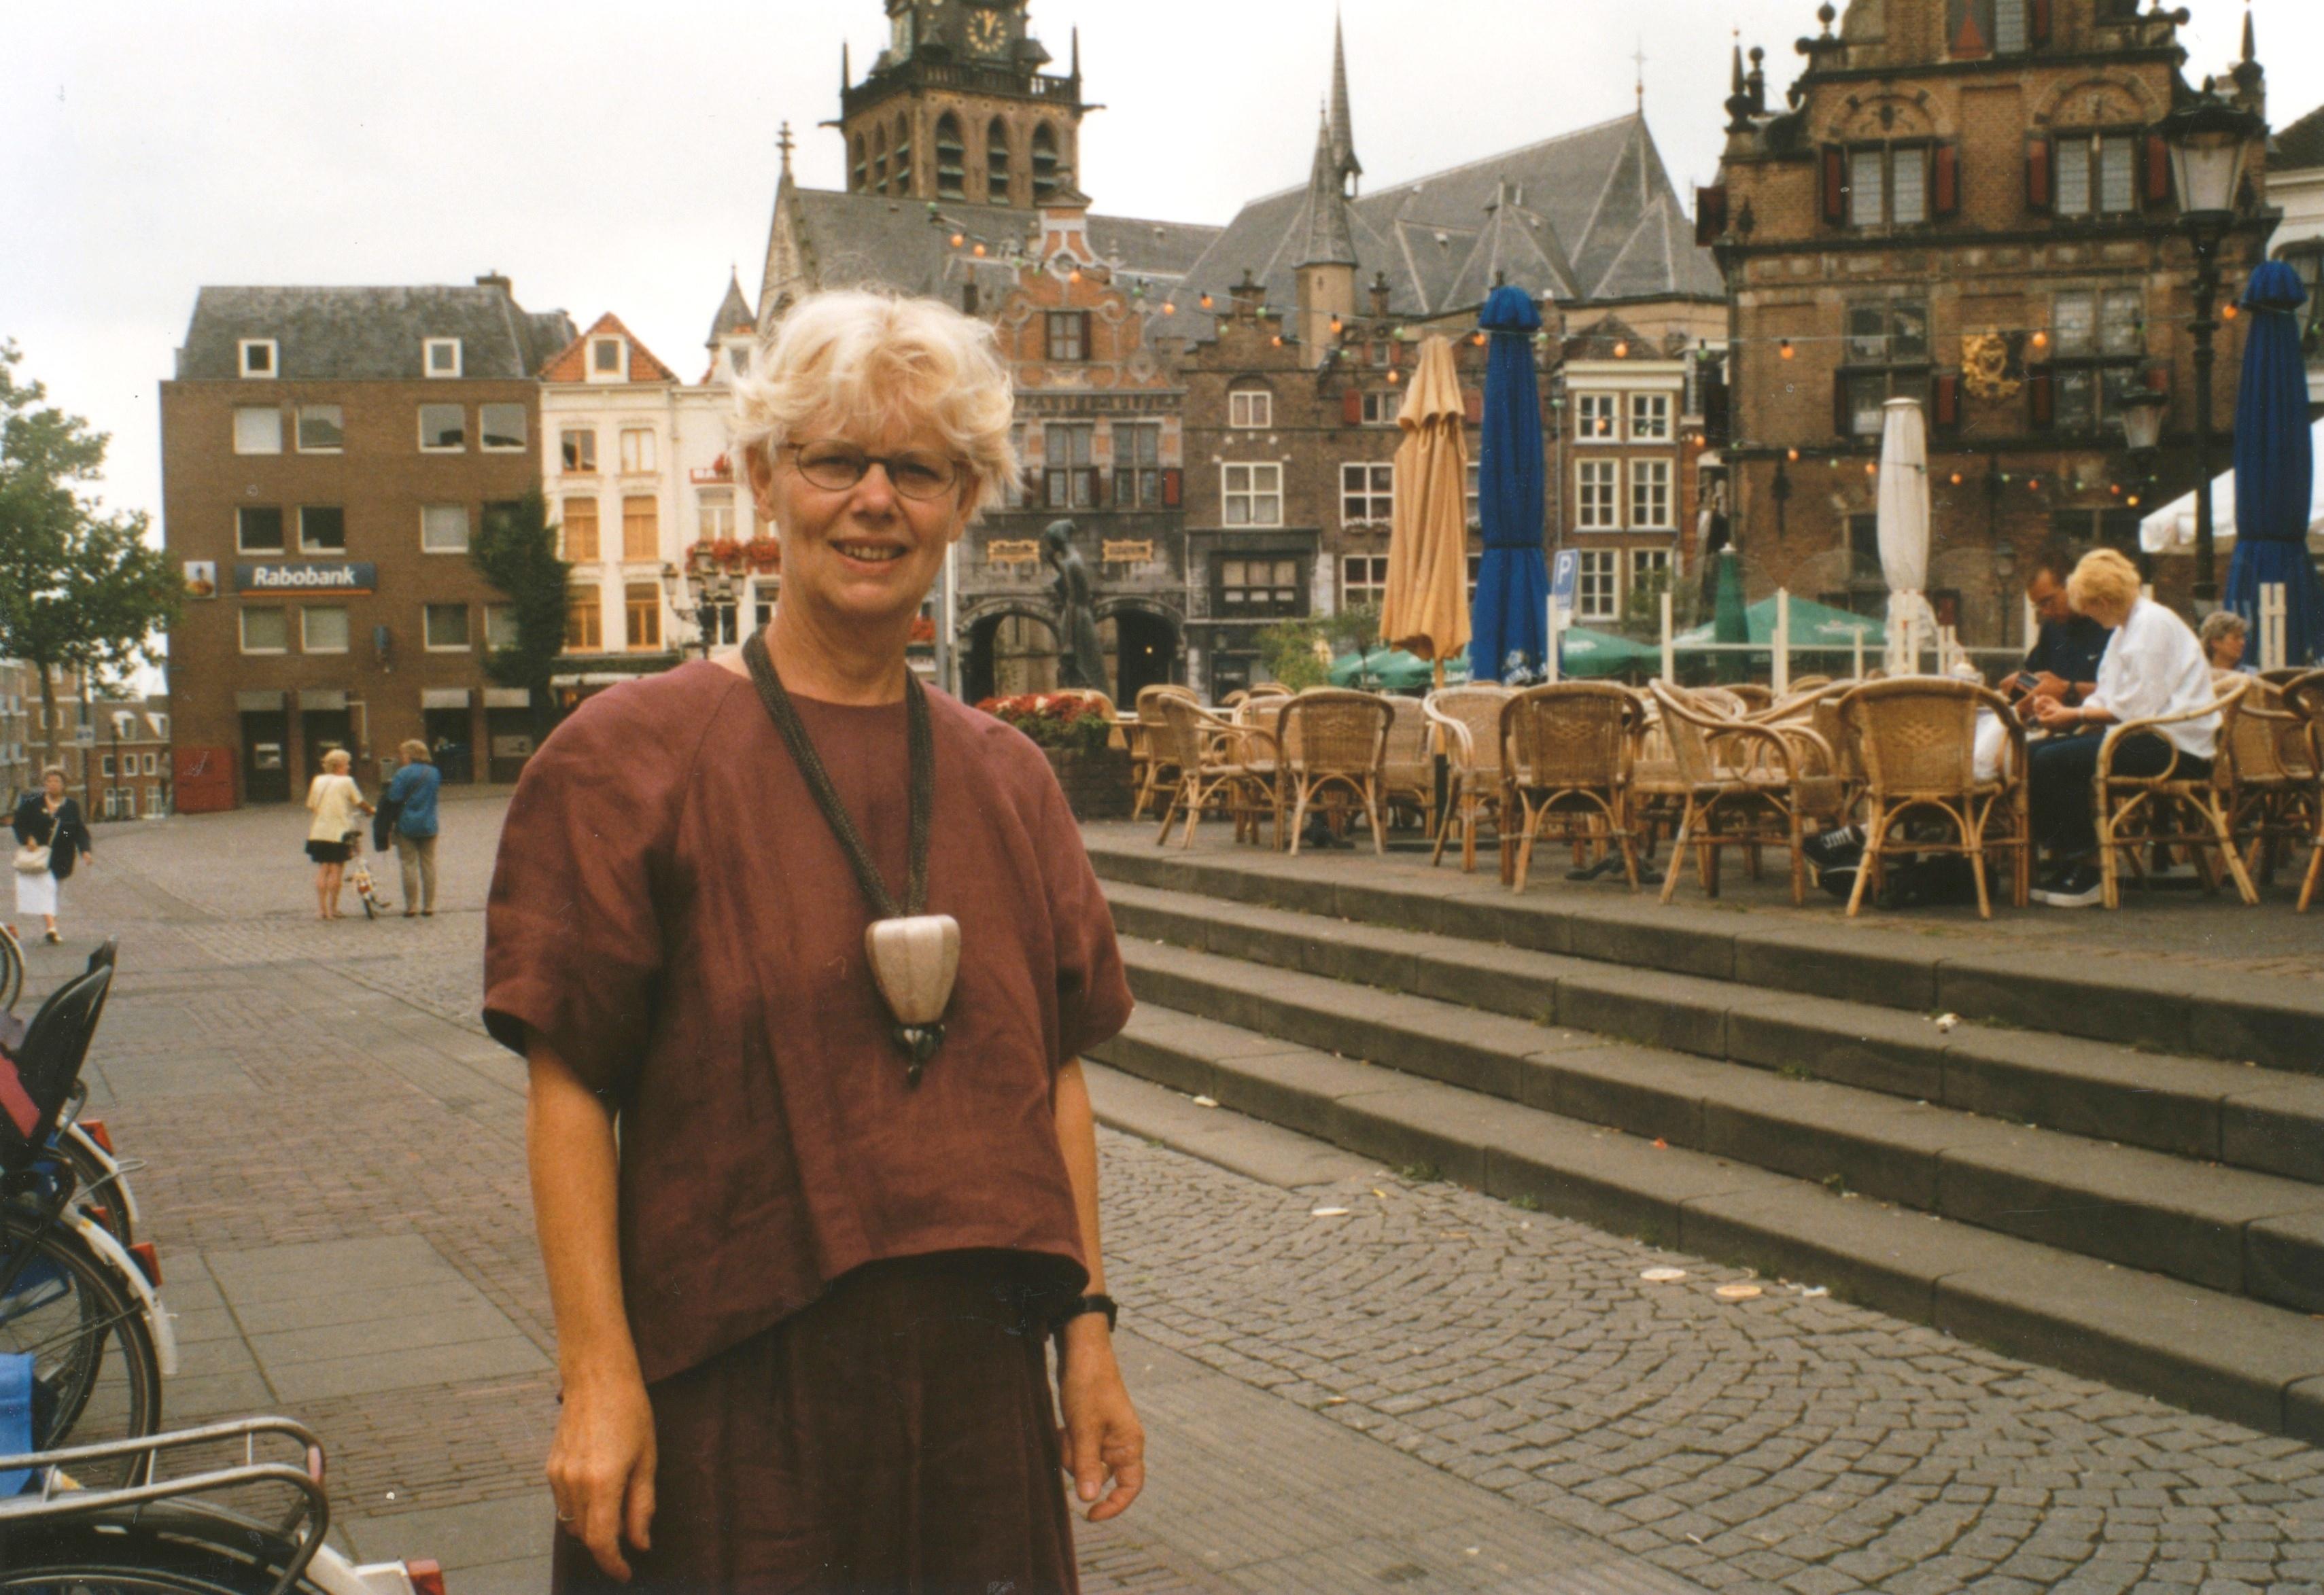 Claartje Keur, Zelfportret met halssieraad van Ruudt Peters, Nijmegen, Grote Markt, 5 augustus 1998. Foto Claartje Keur